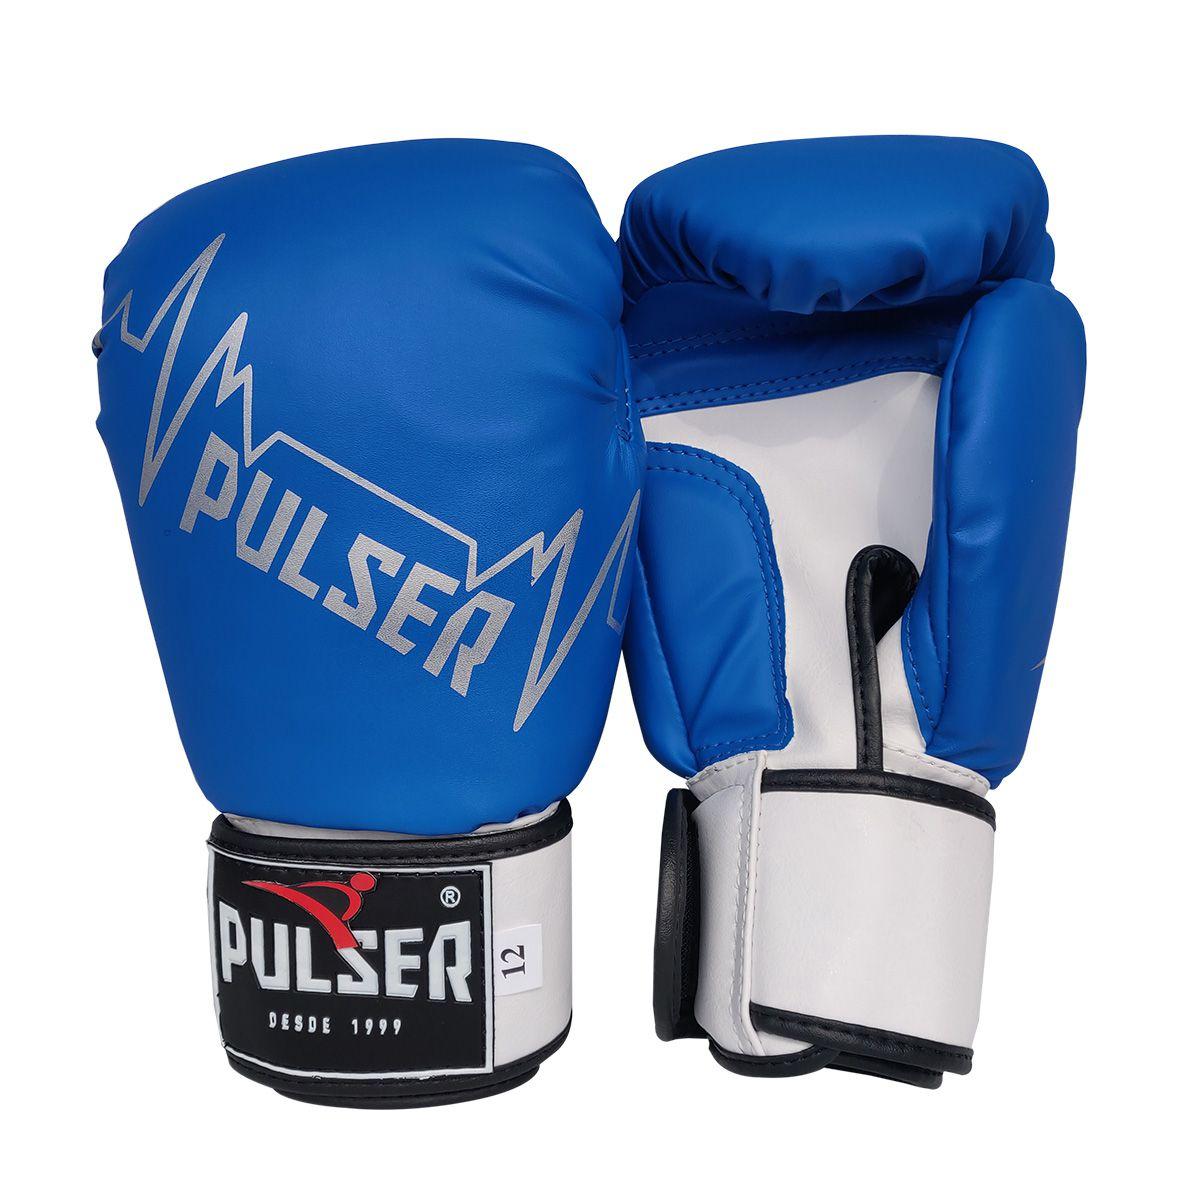 Kit de Boxe / Muay Thai 12oz - Azul Pulser - Pulser  - PRALUTA SHOP